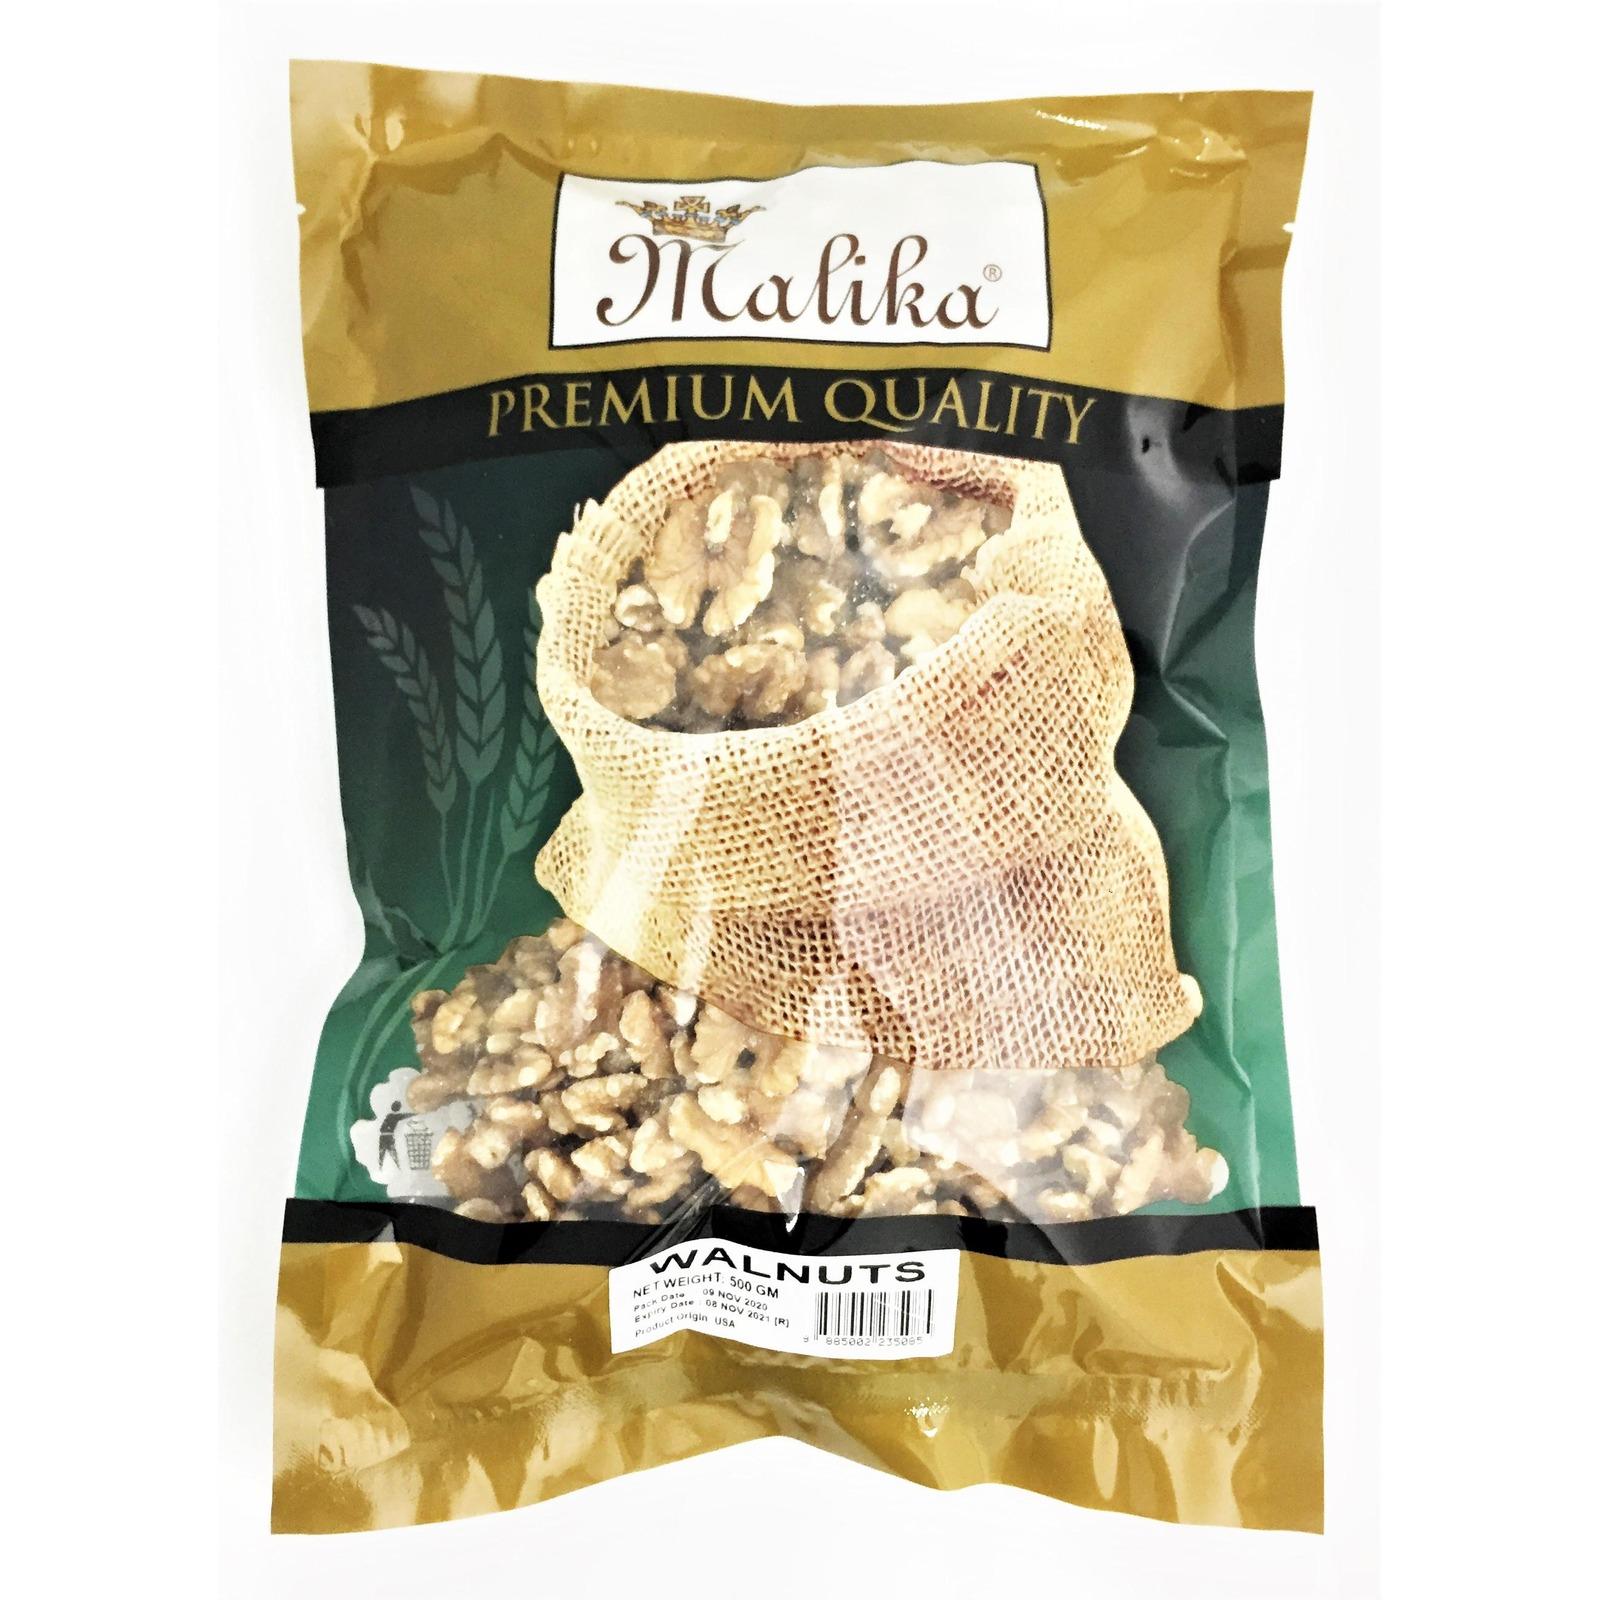 Malika Walnuts